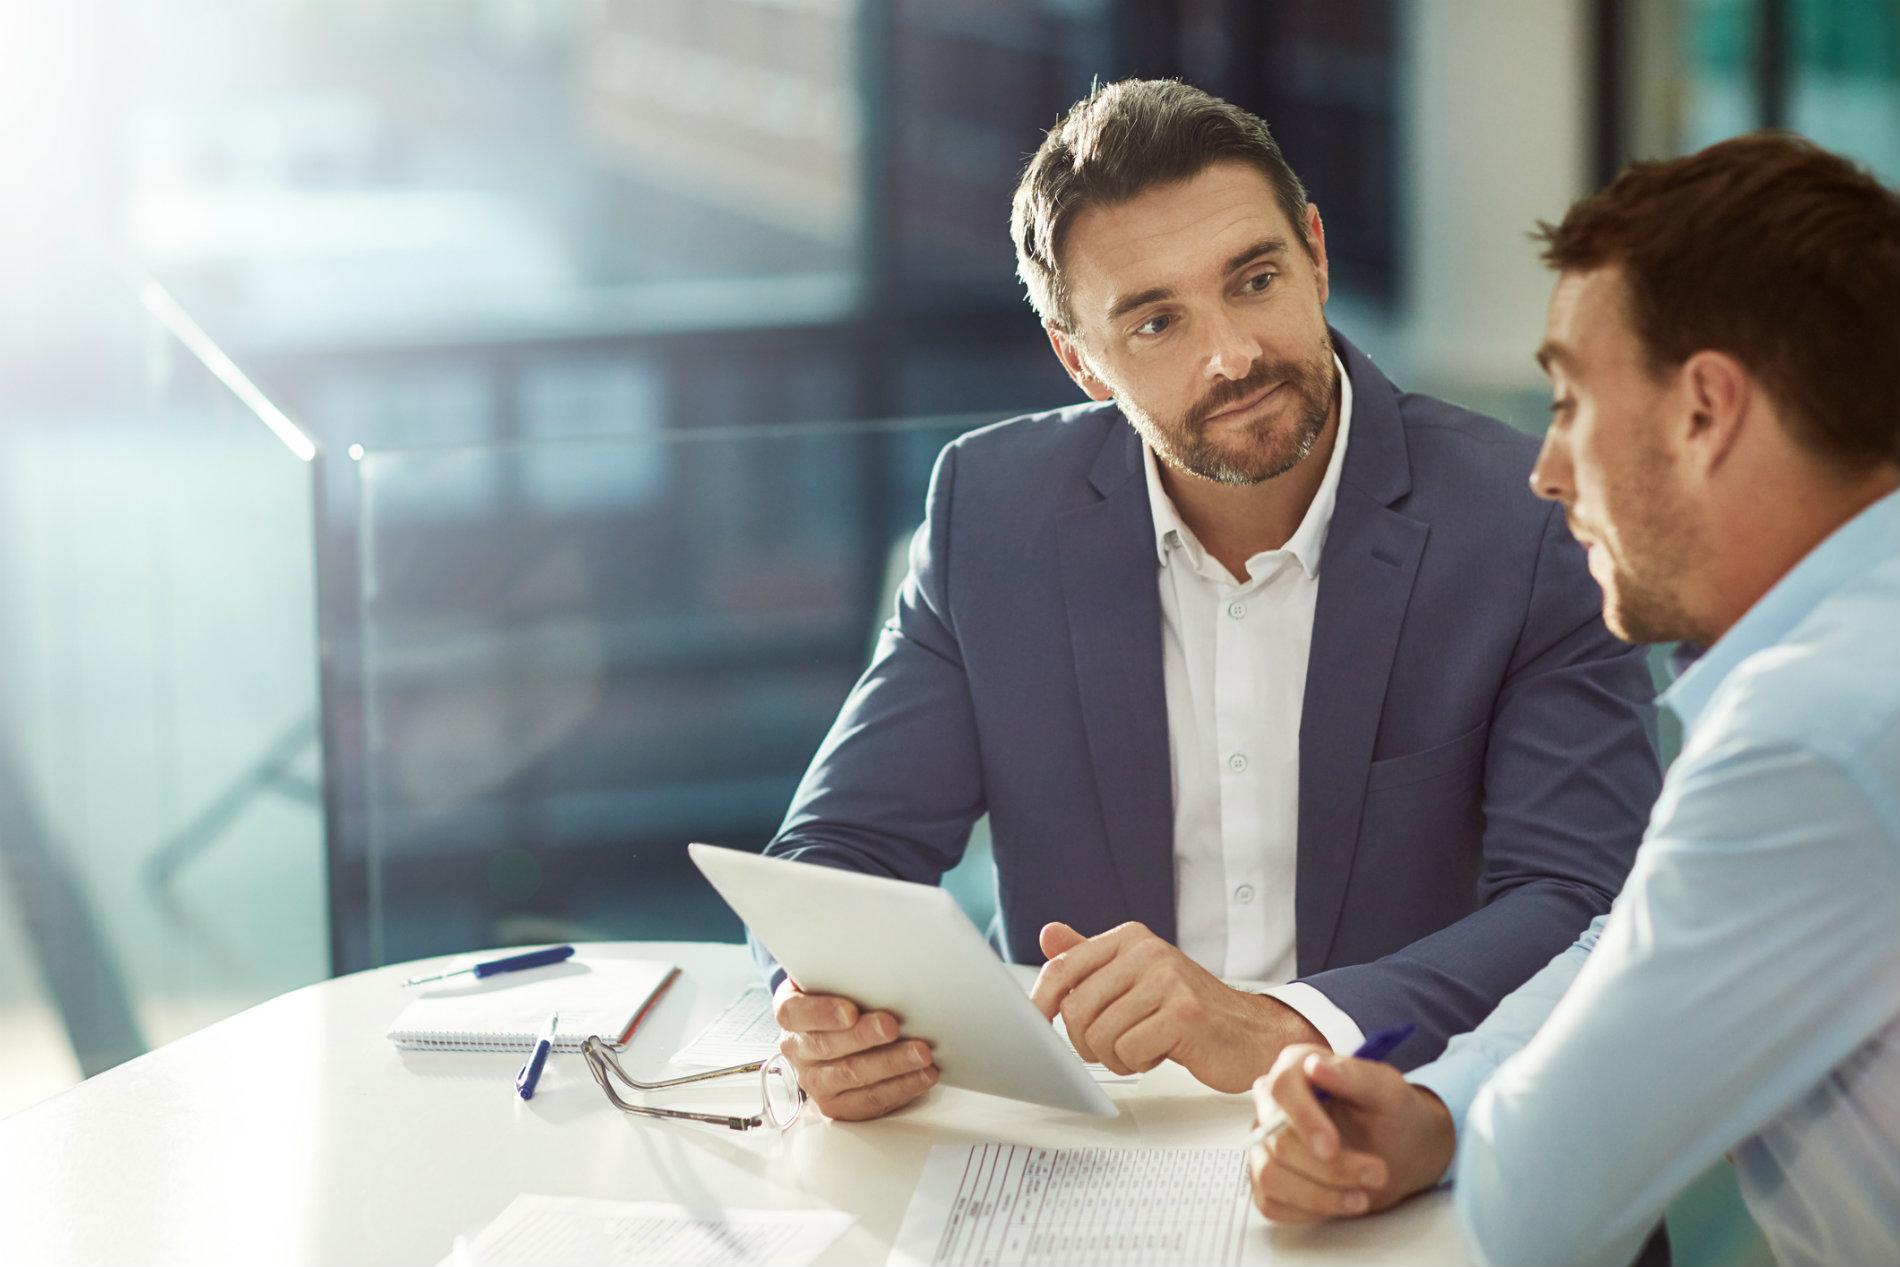 Consultoria em segurança da informação: o que considerar ao contratar uma?